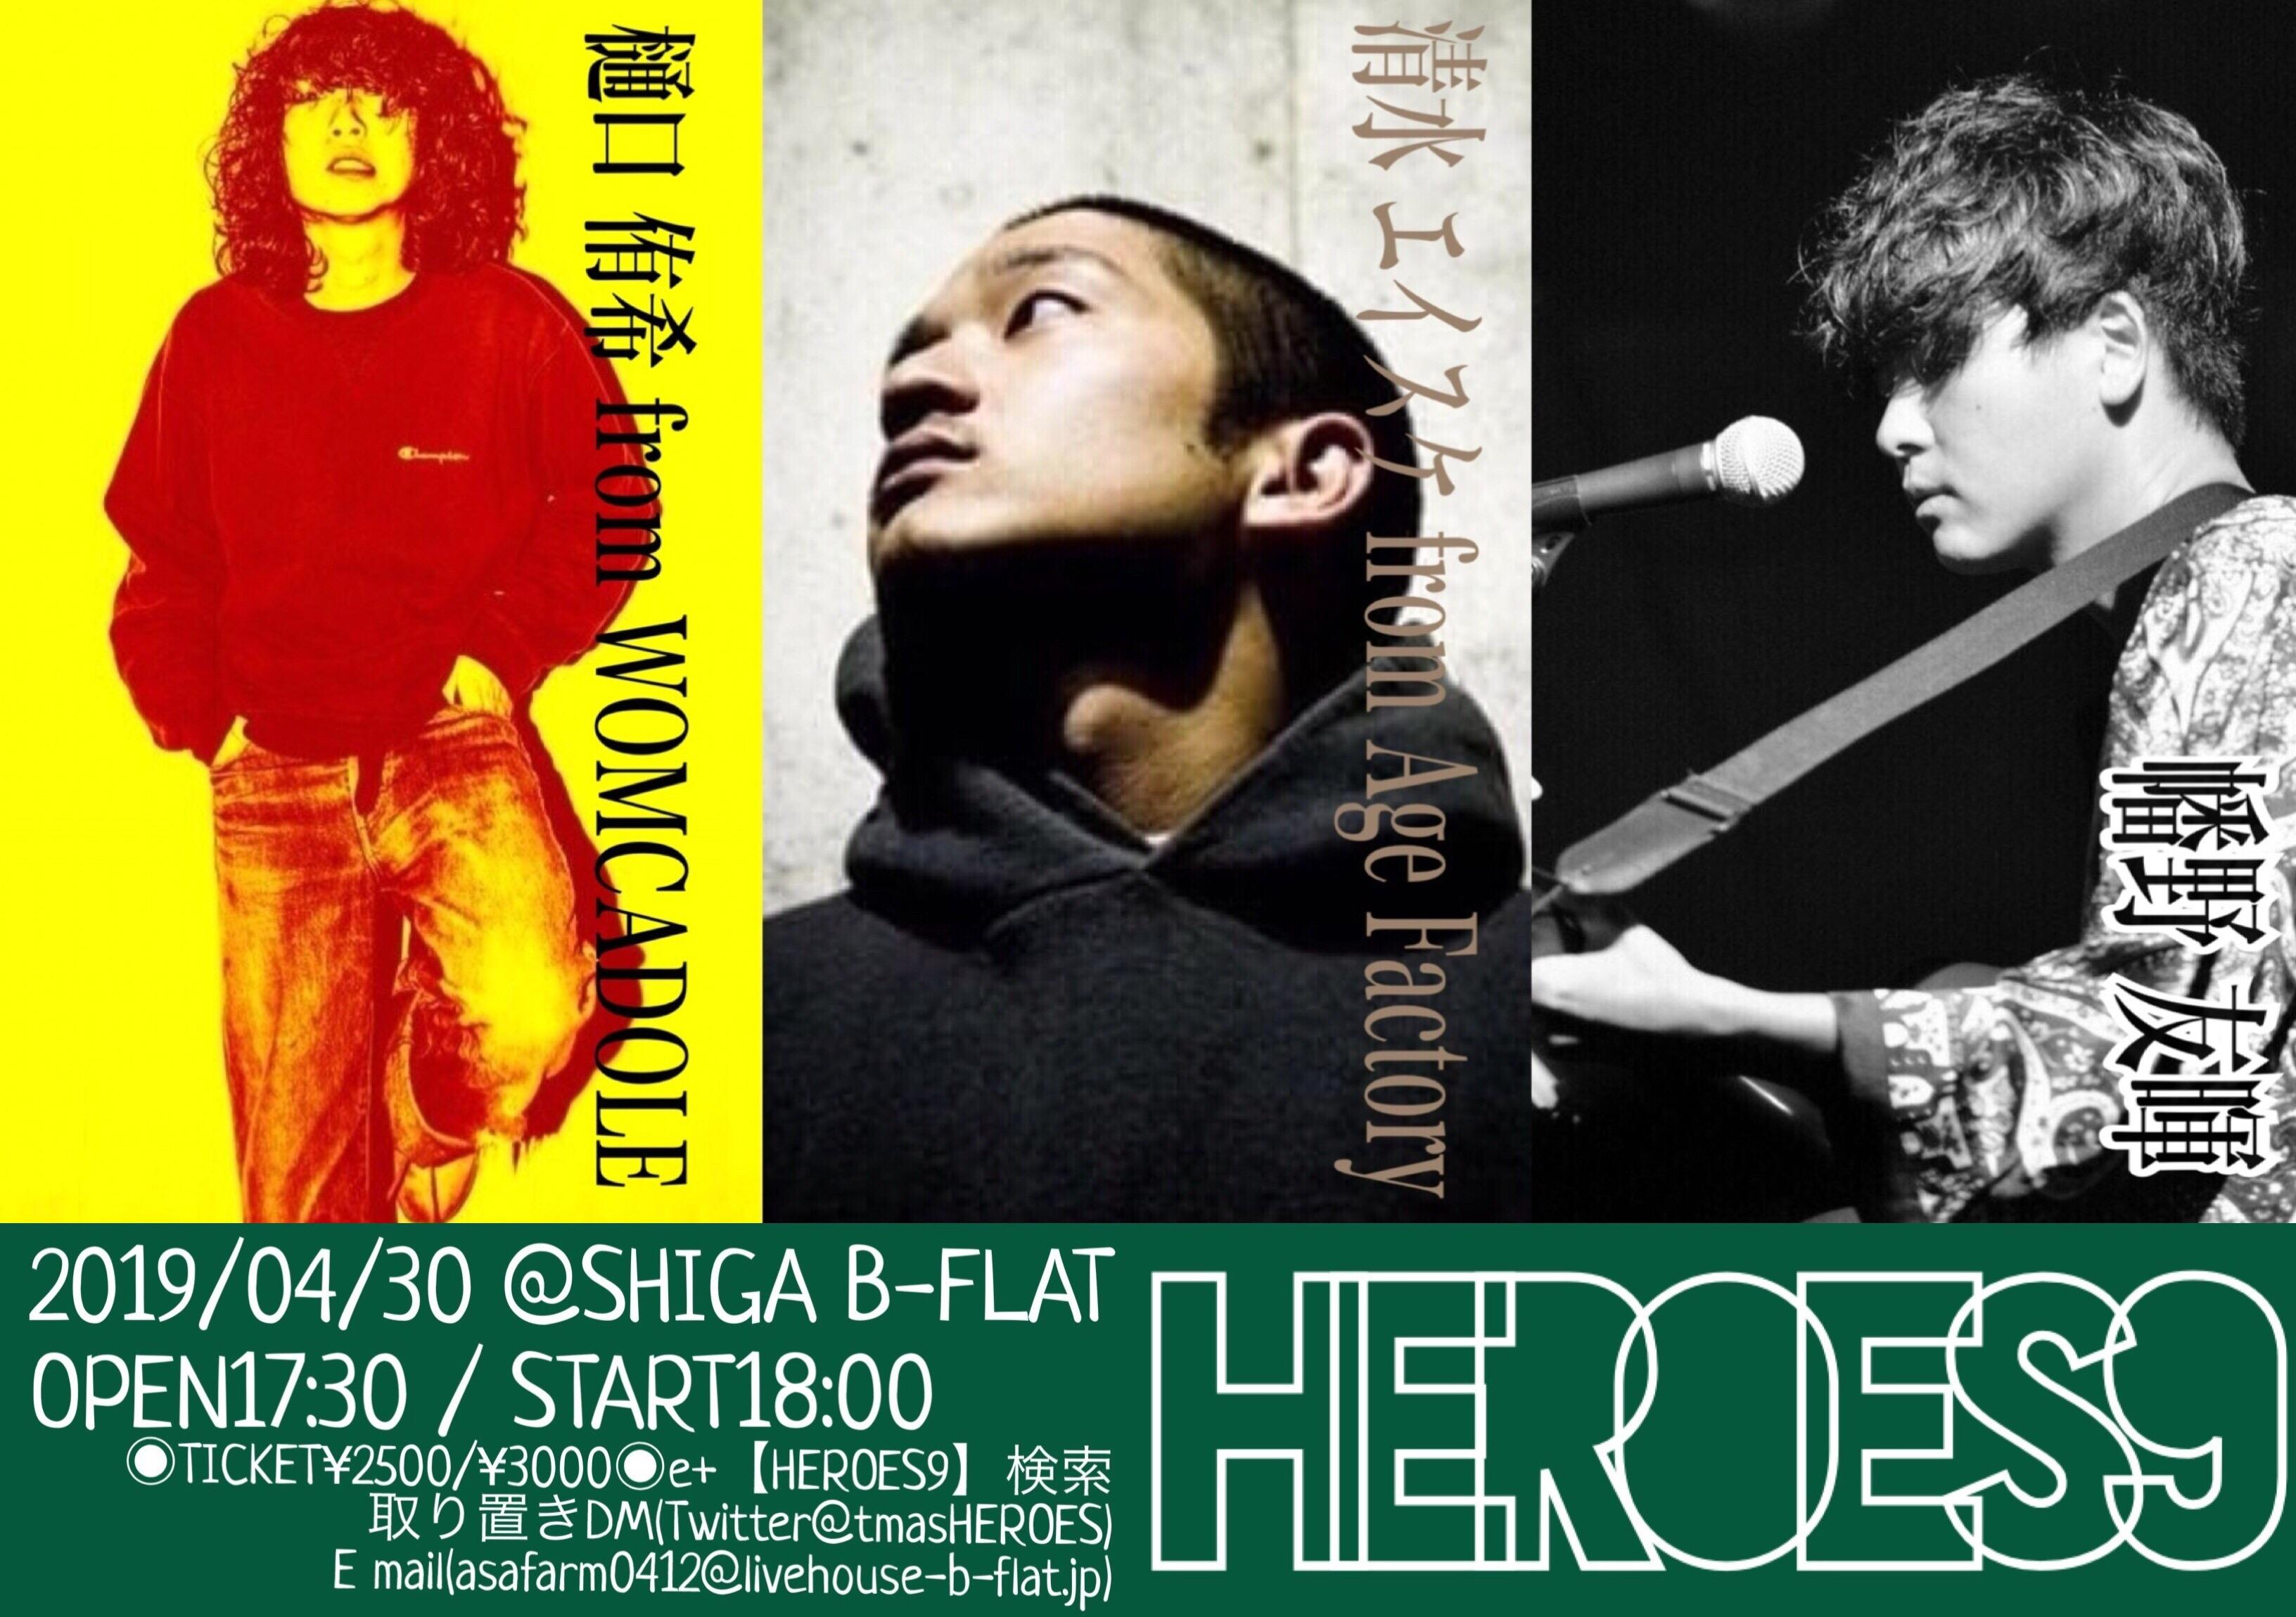 HEROES9